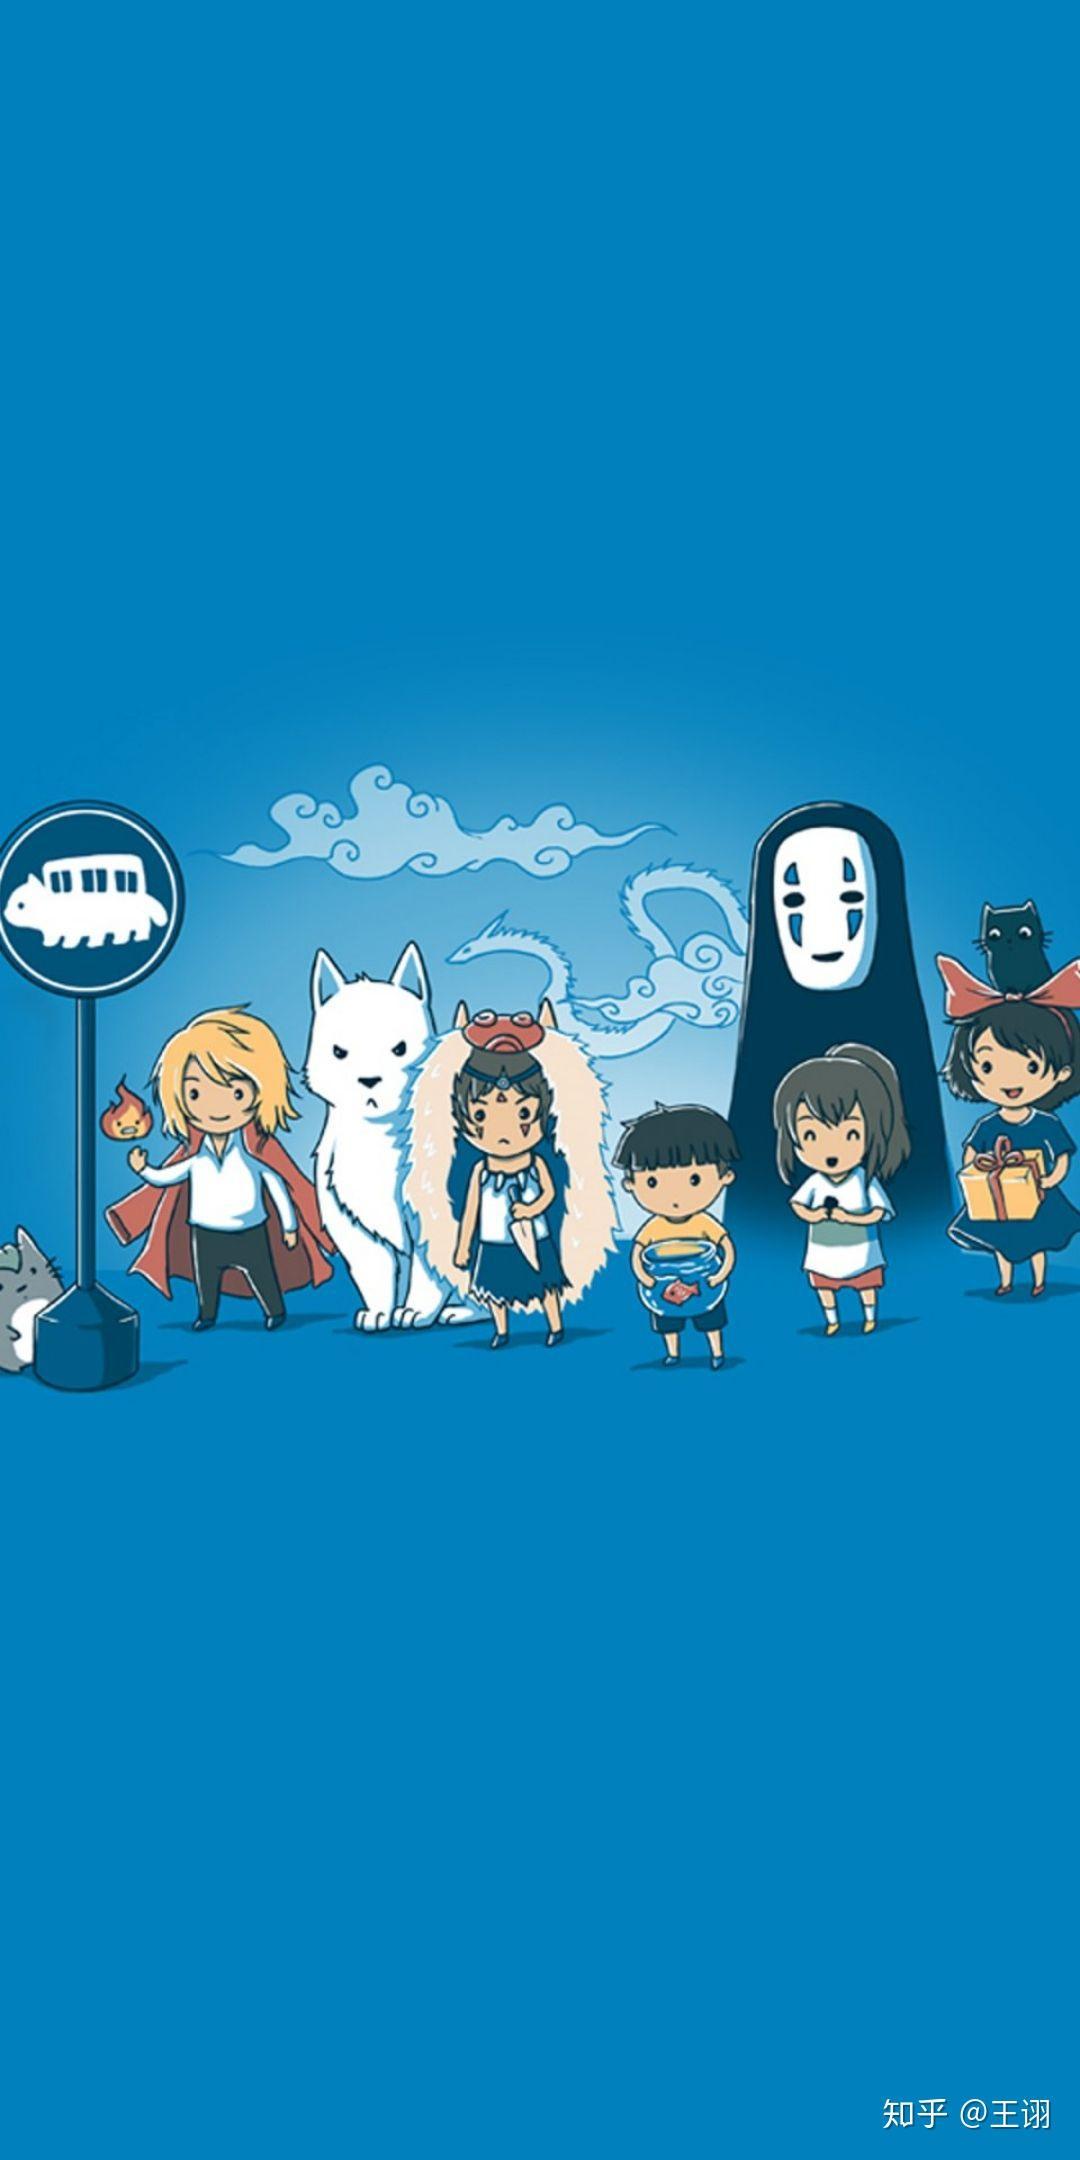 有哪些好看令人难忘的宫崎骏动画里的高清桌面壁纸?